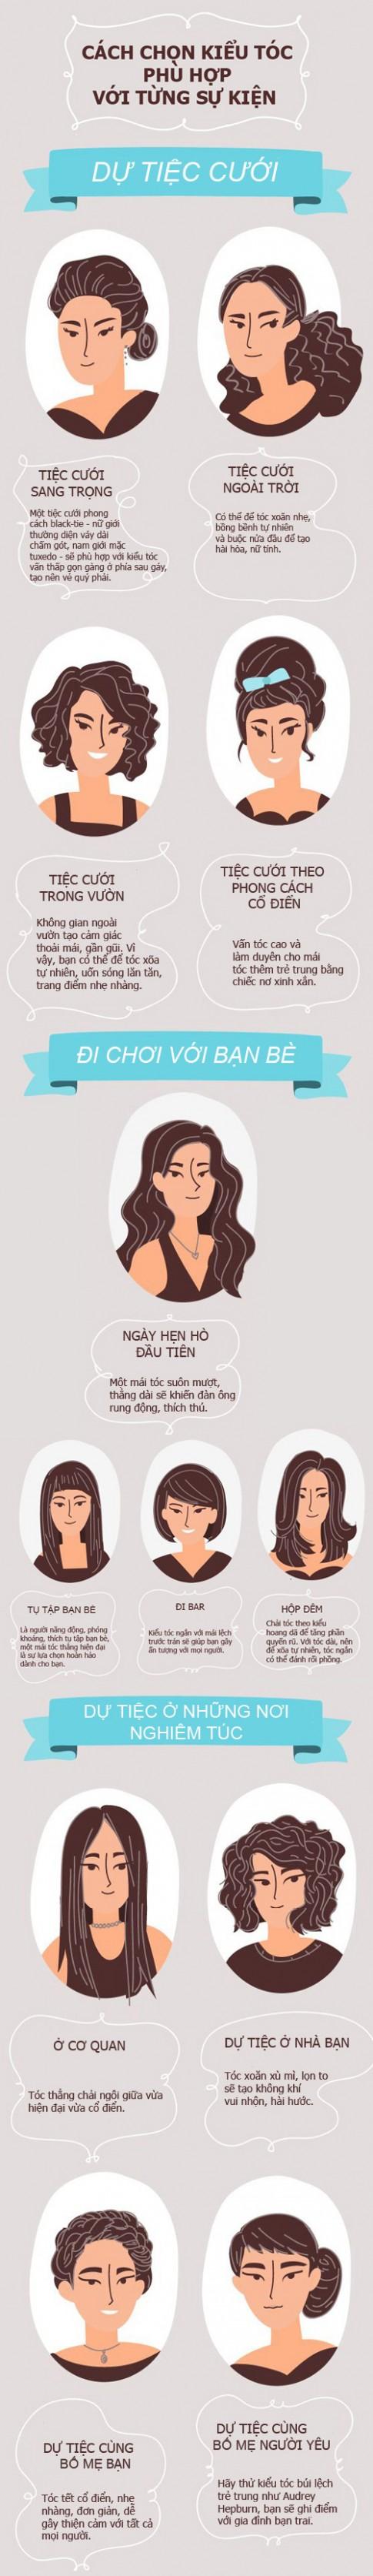 Cách chọn kiểu tóc phù hợp với từng sự kiện